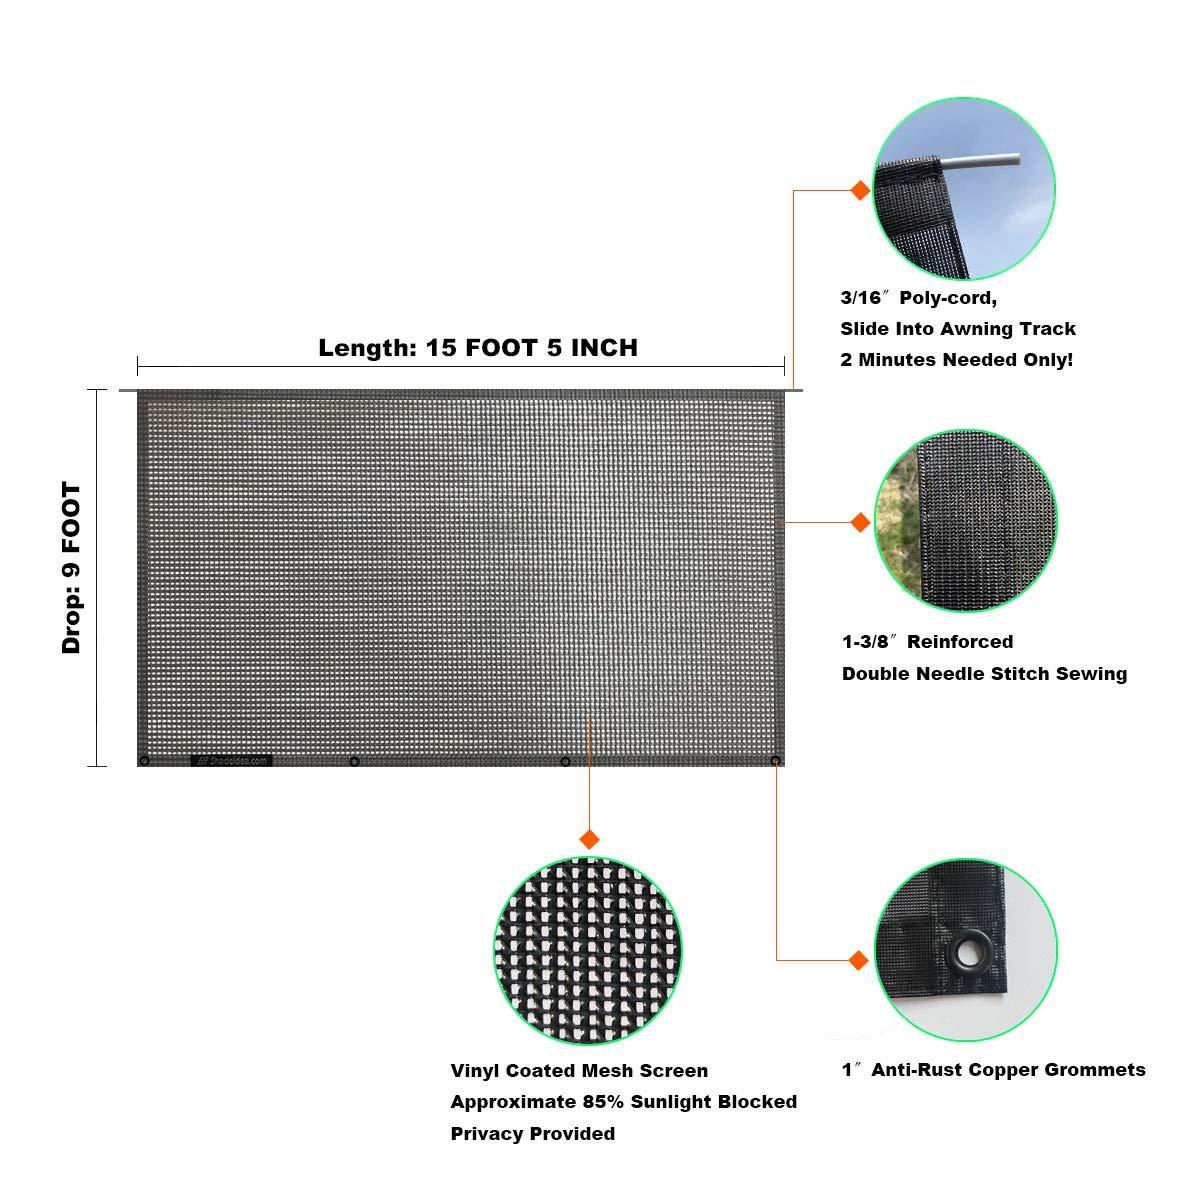 Shadeidea RV Sun Shade Screen for Awning 8 X 15 5 Brown Mesh Sunshade Motorhome Camping Trailer UV Sunblocker Canopy Sunscreen Offer 3 Years Warranty